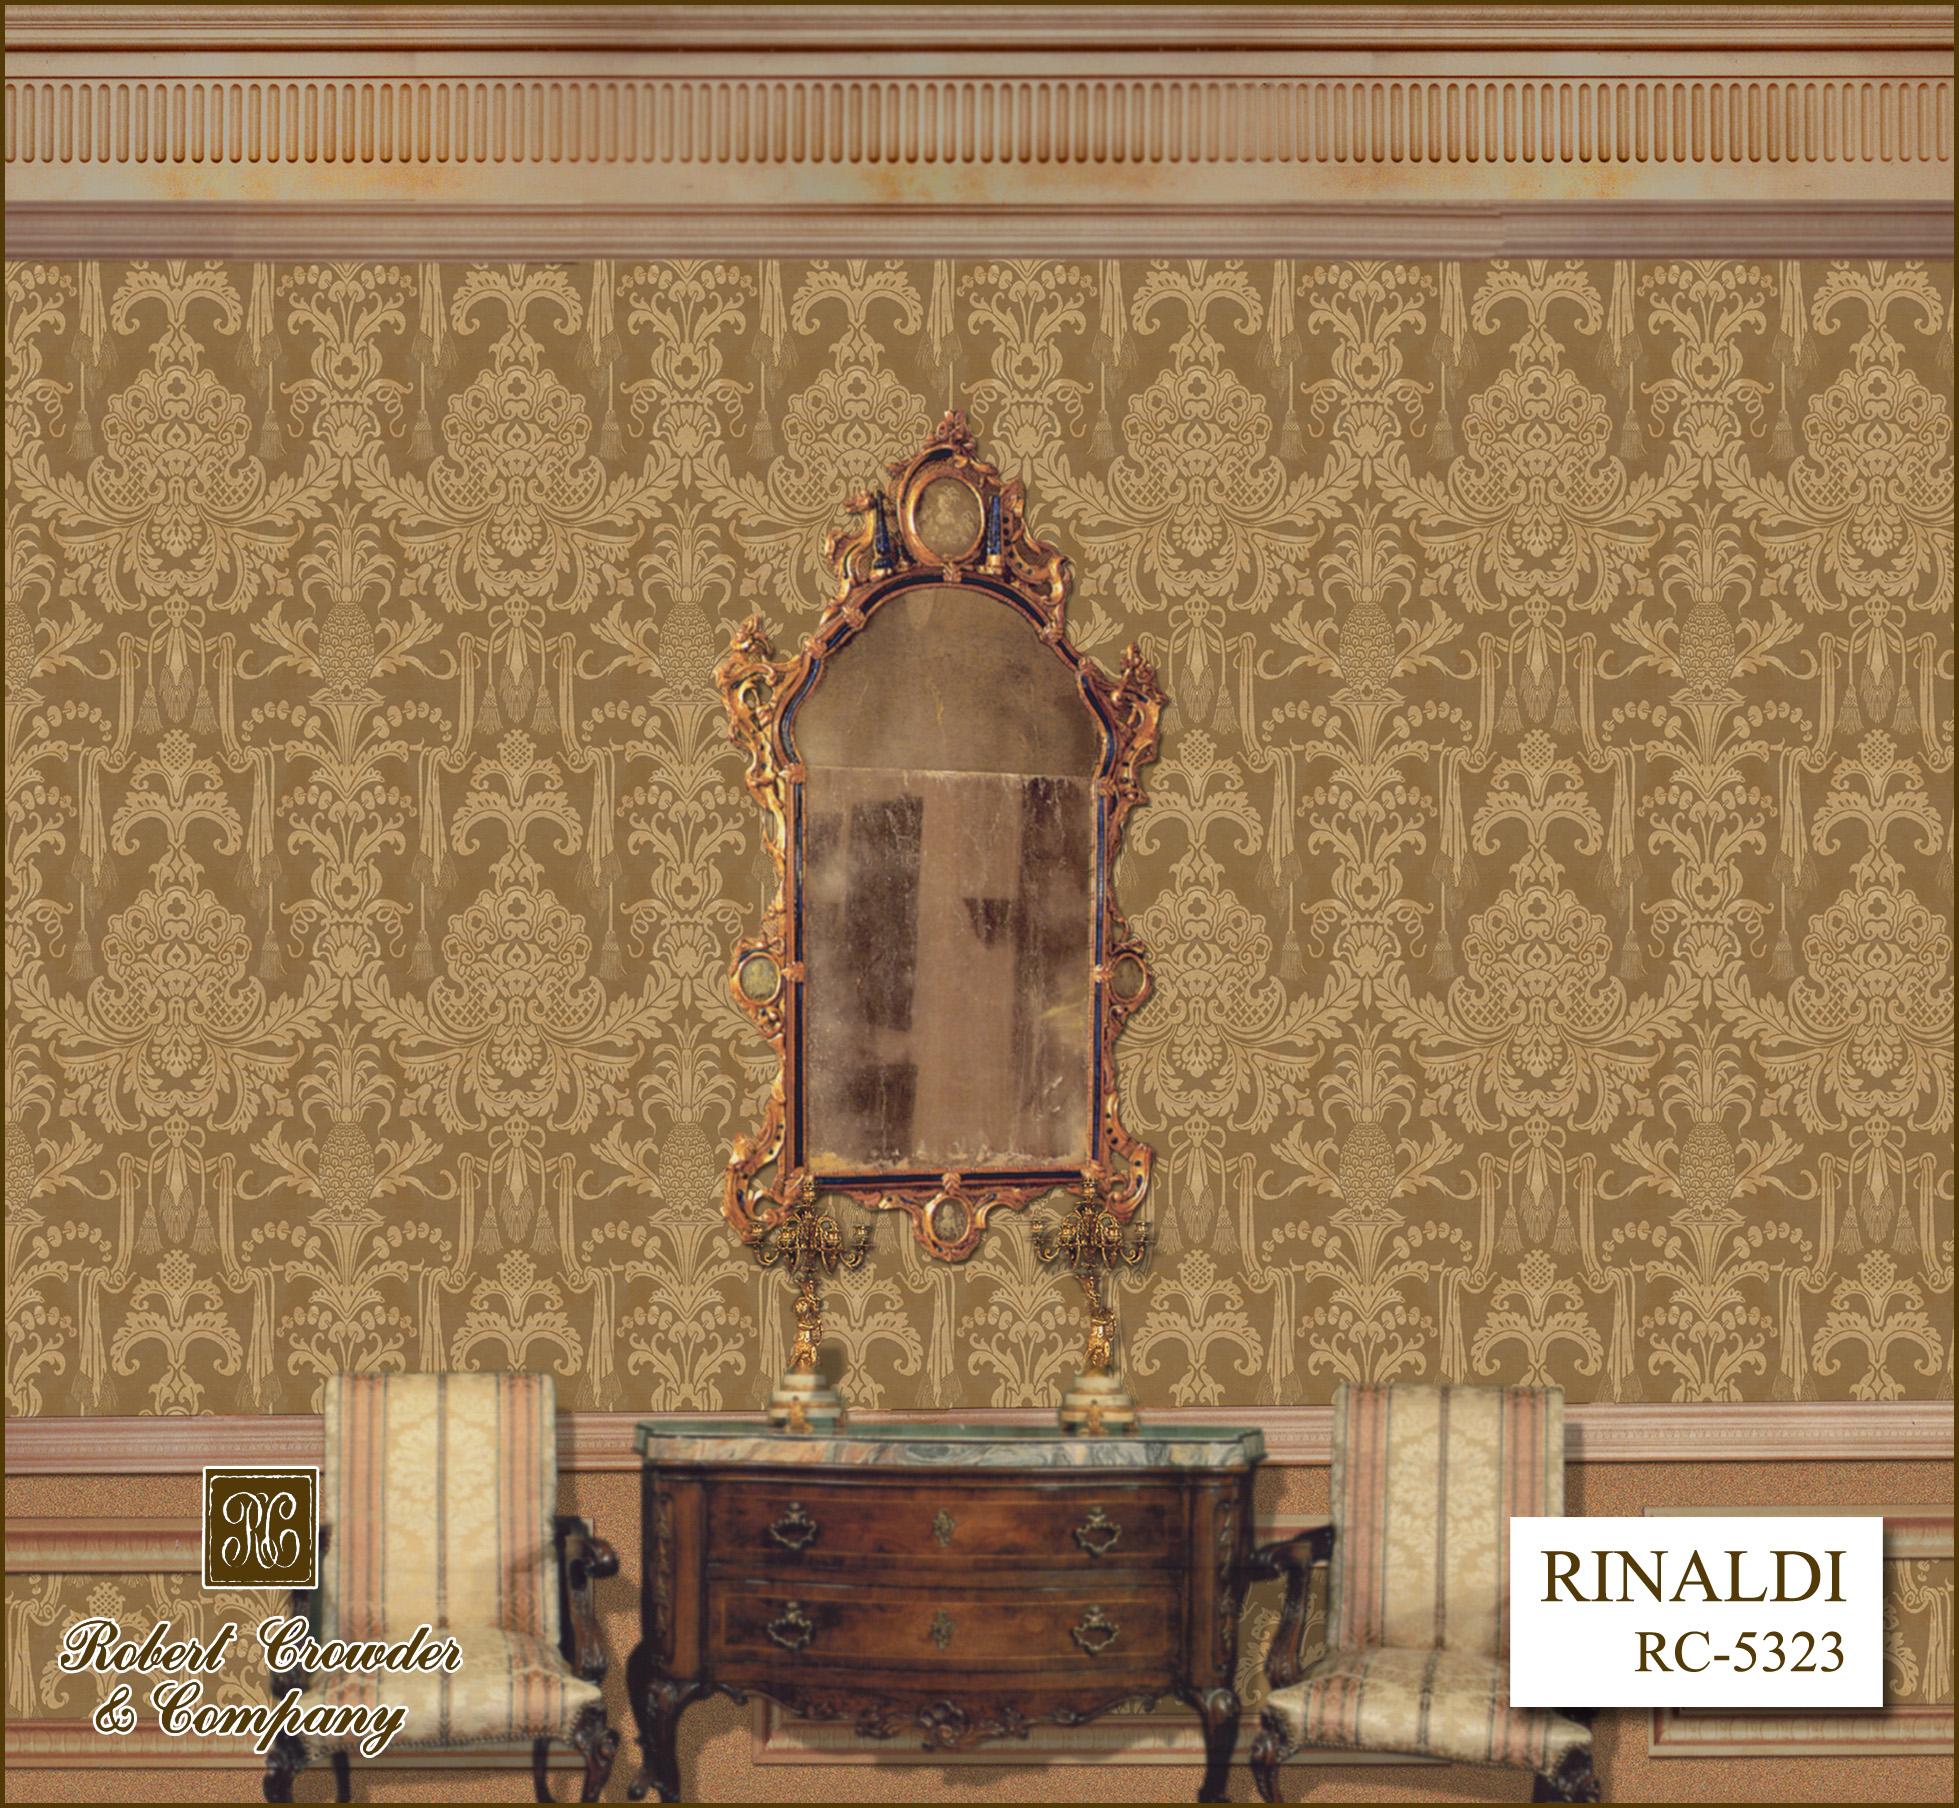 Available-at-Michael-Taylor-Designs-San-Francisco-Showroom-wallpaper-wp300843